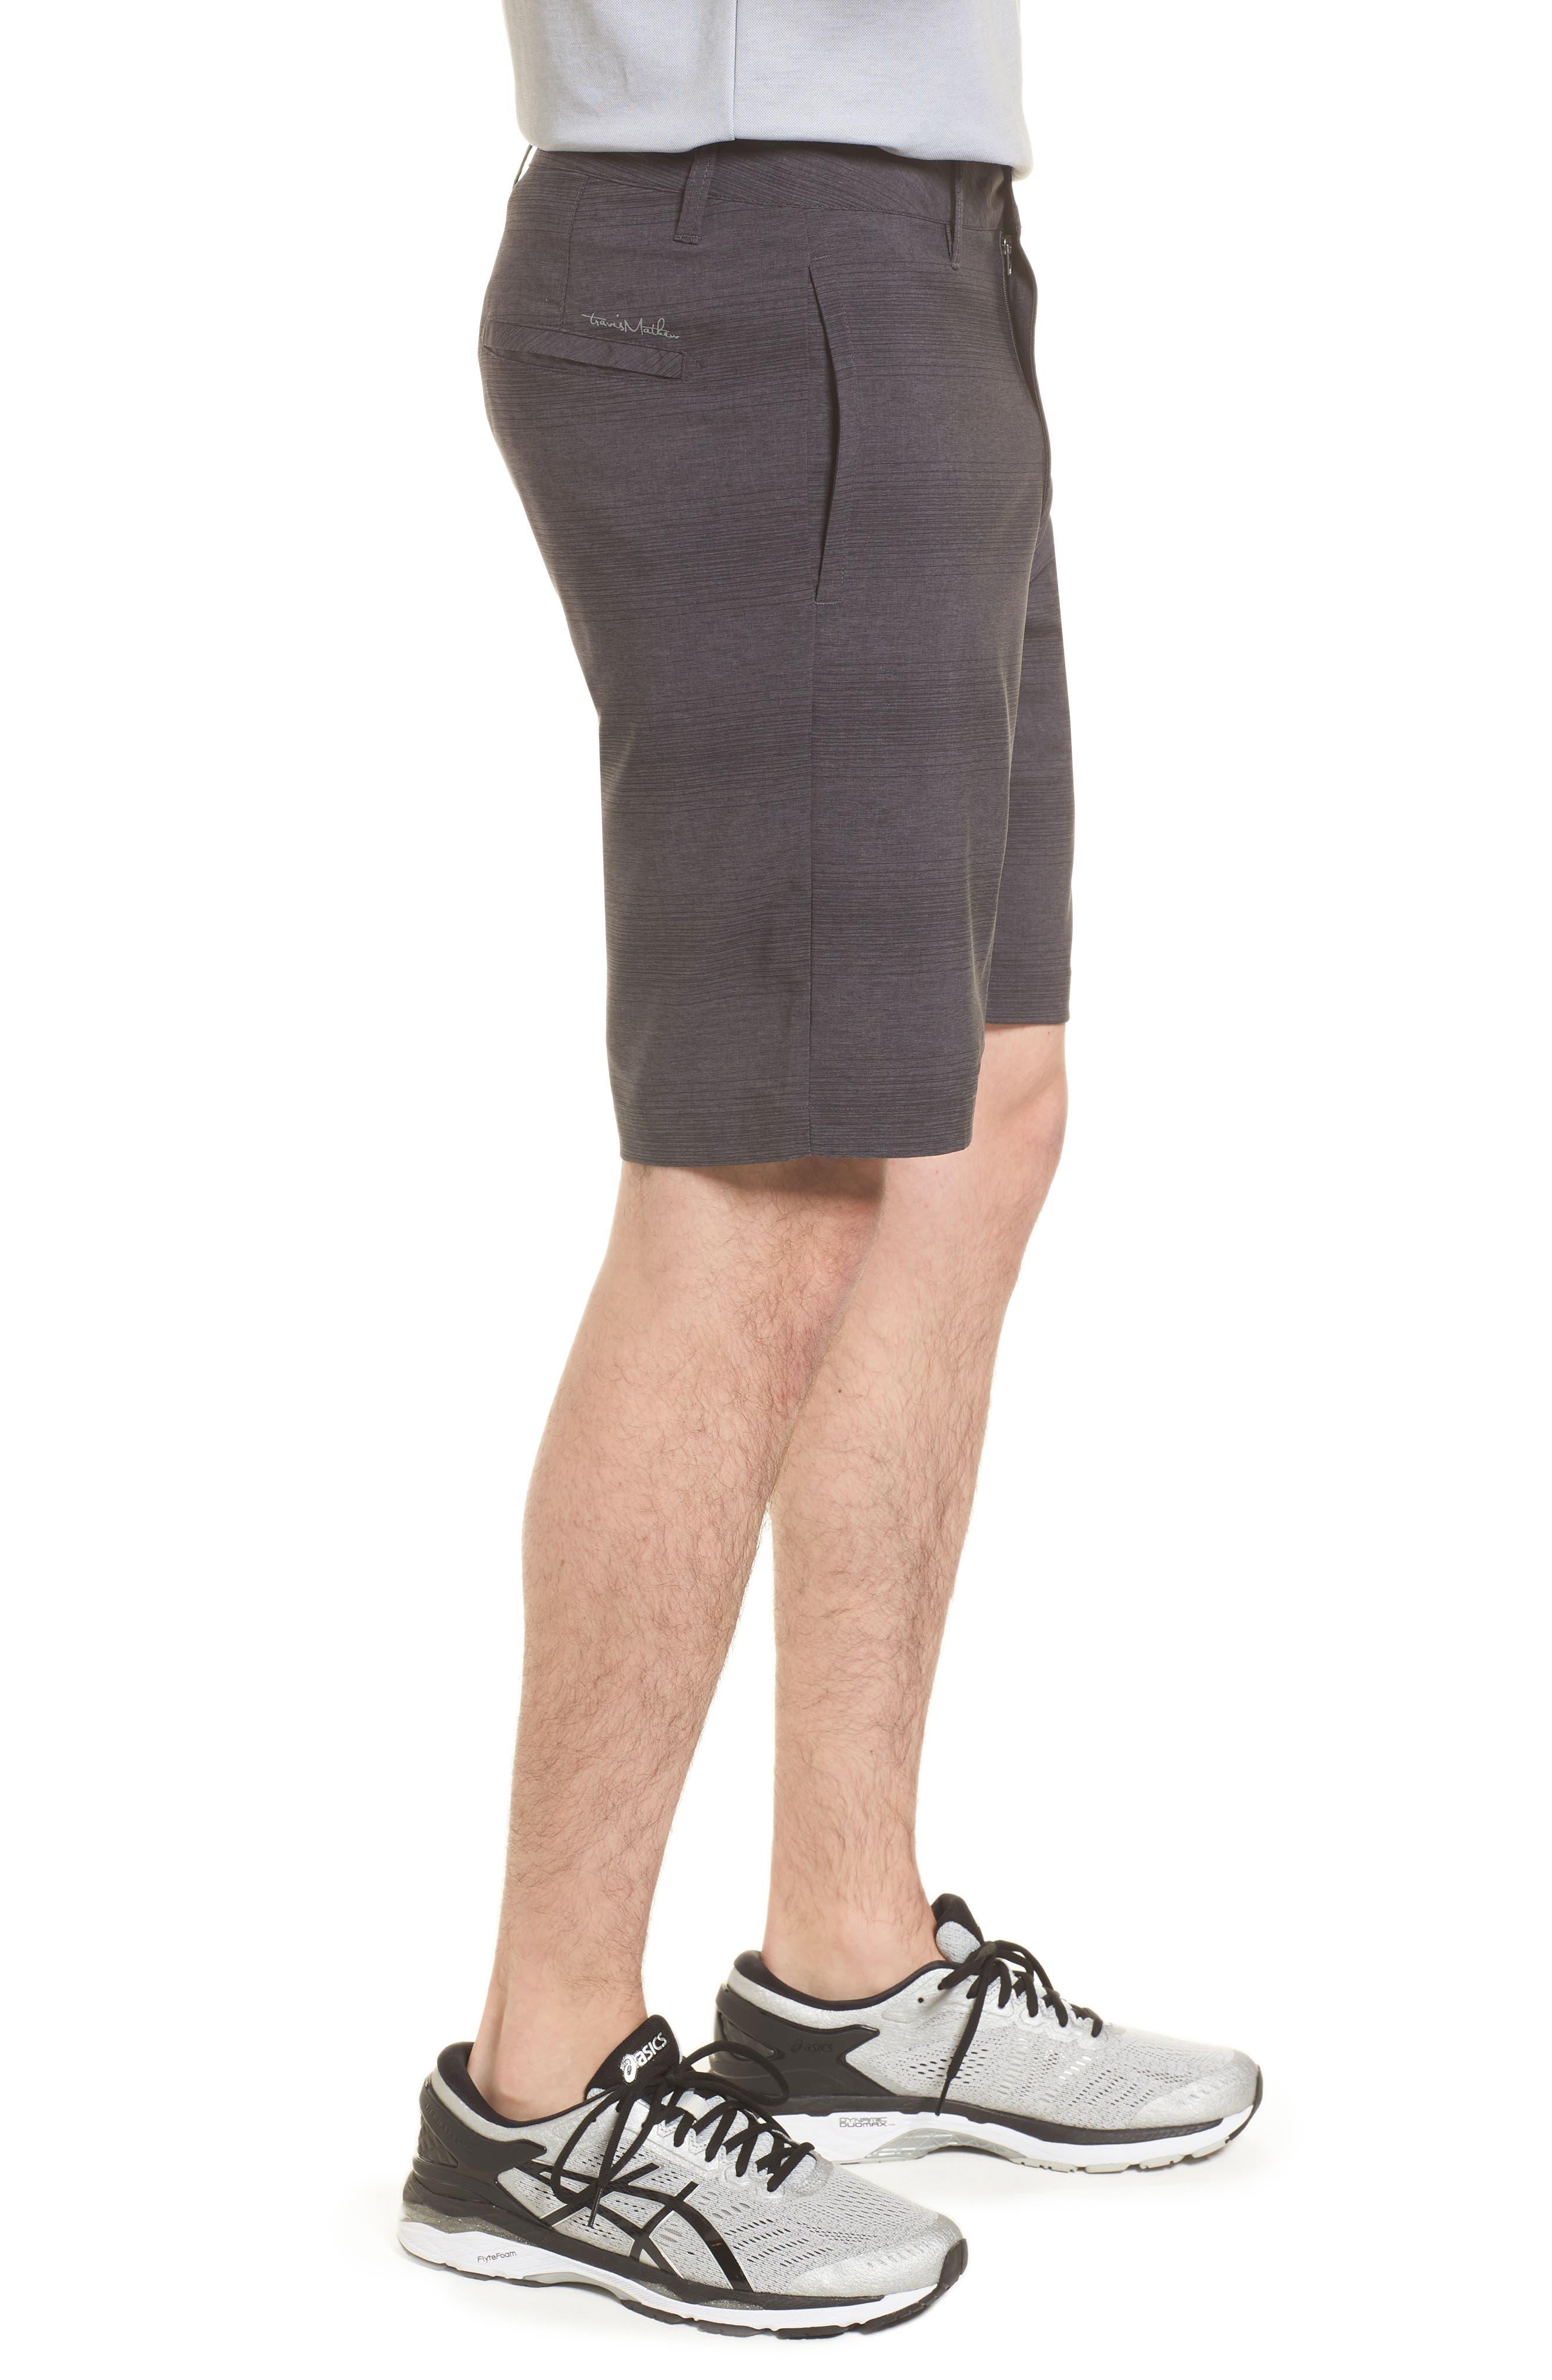 Tepic Shorts,                             Alternate thumbnail 3, color,                             001